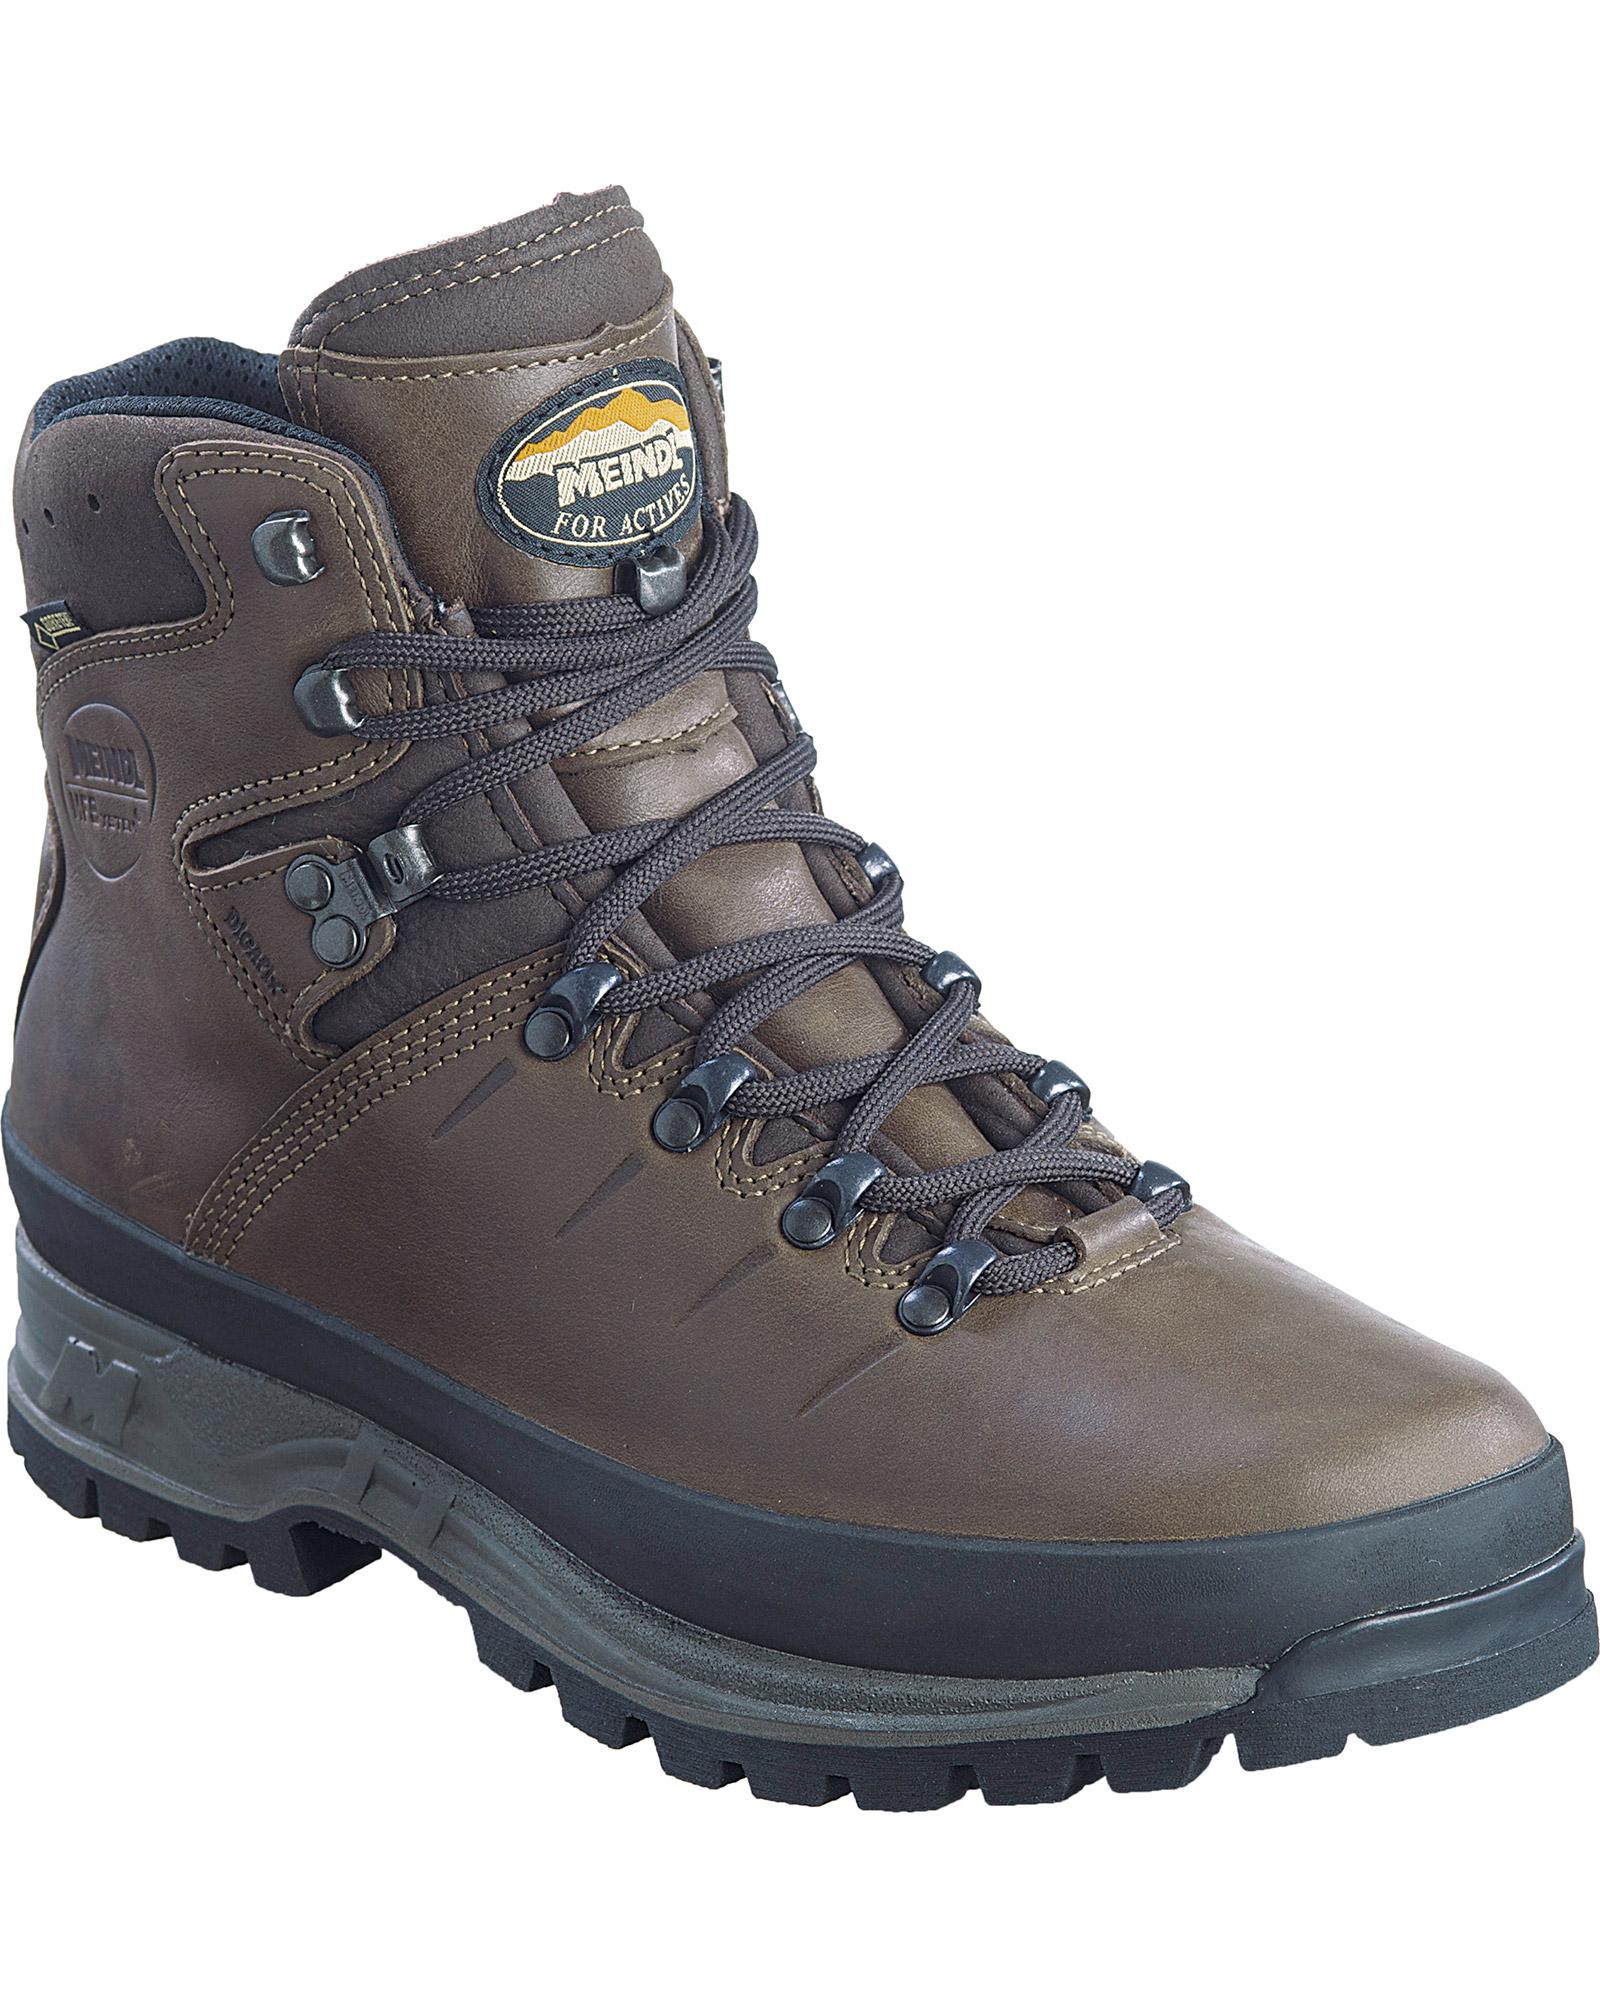 Meindl Men's Bhutan GORE-TEX Walking Boots 0